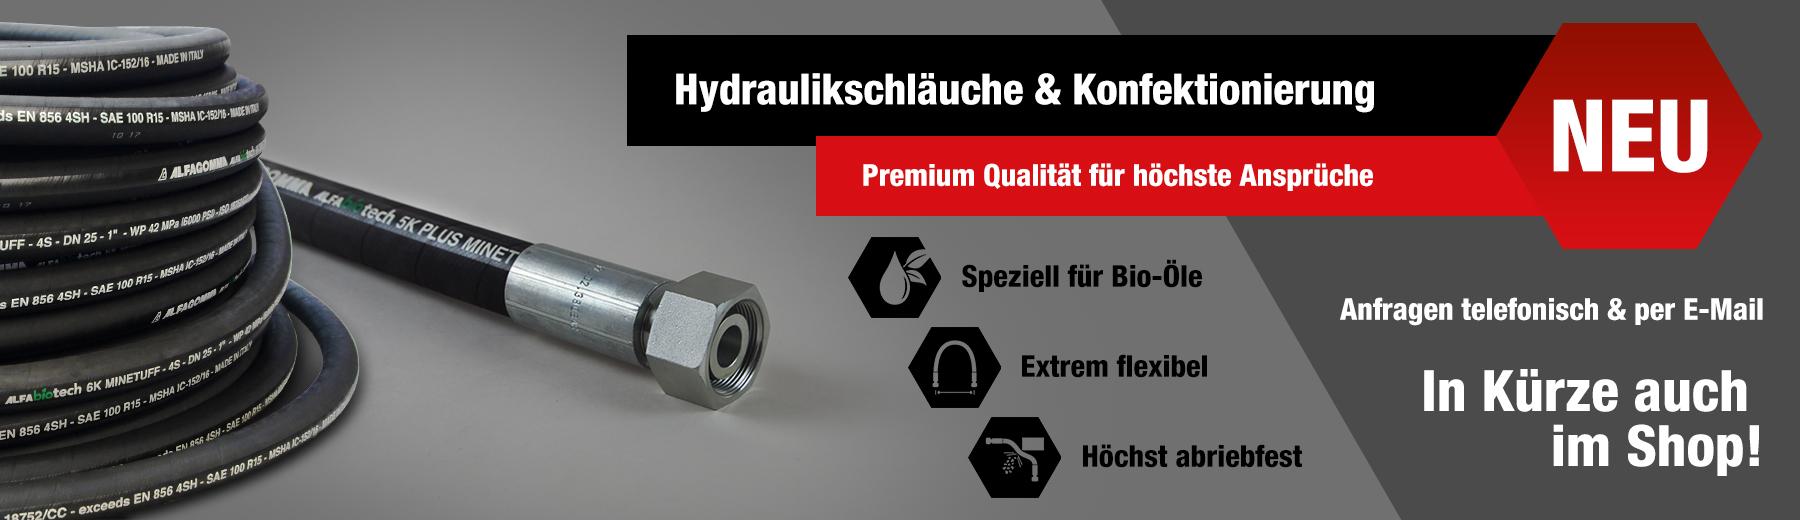 Hydraulikschläuche & Konfektionierung | Benlex Hydraulik